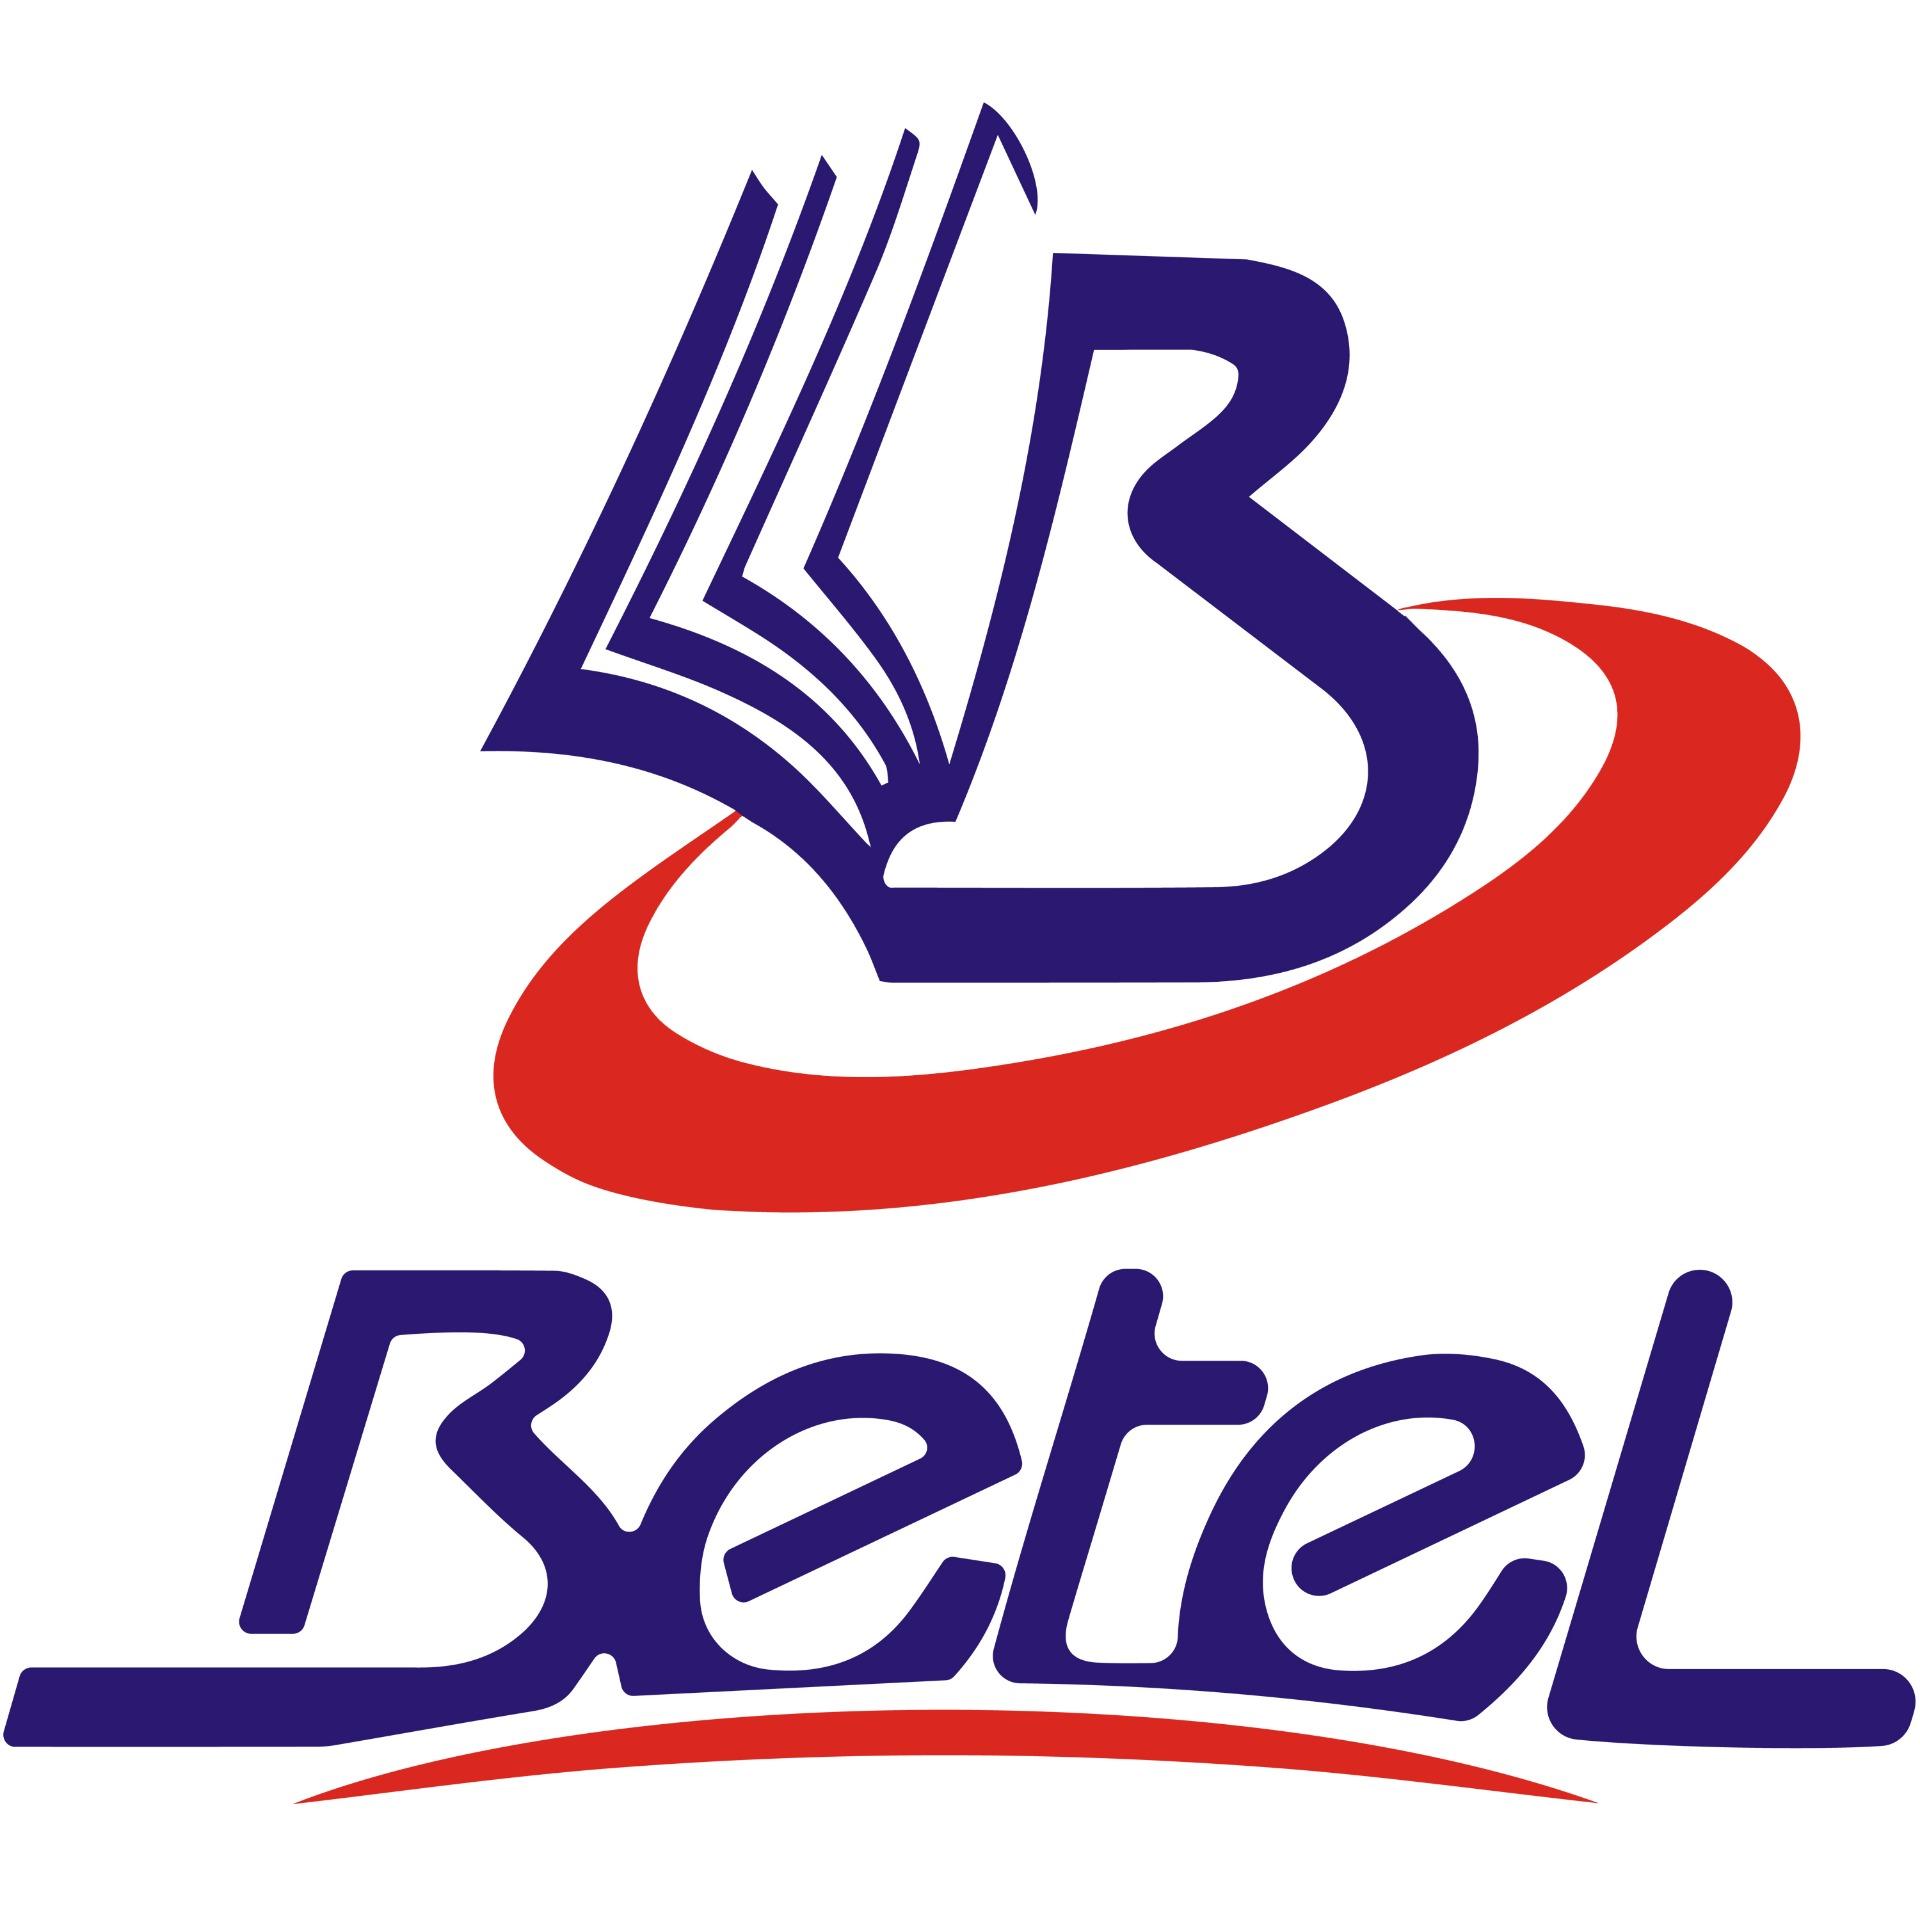 Livraria Betel & Instrumentos Musicais